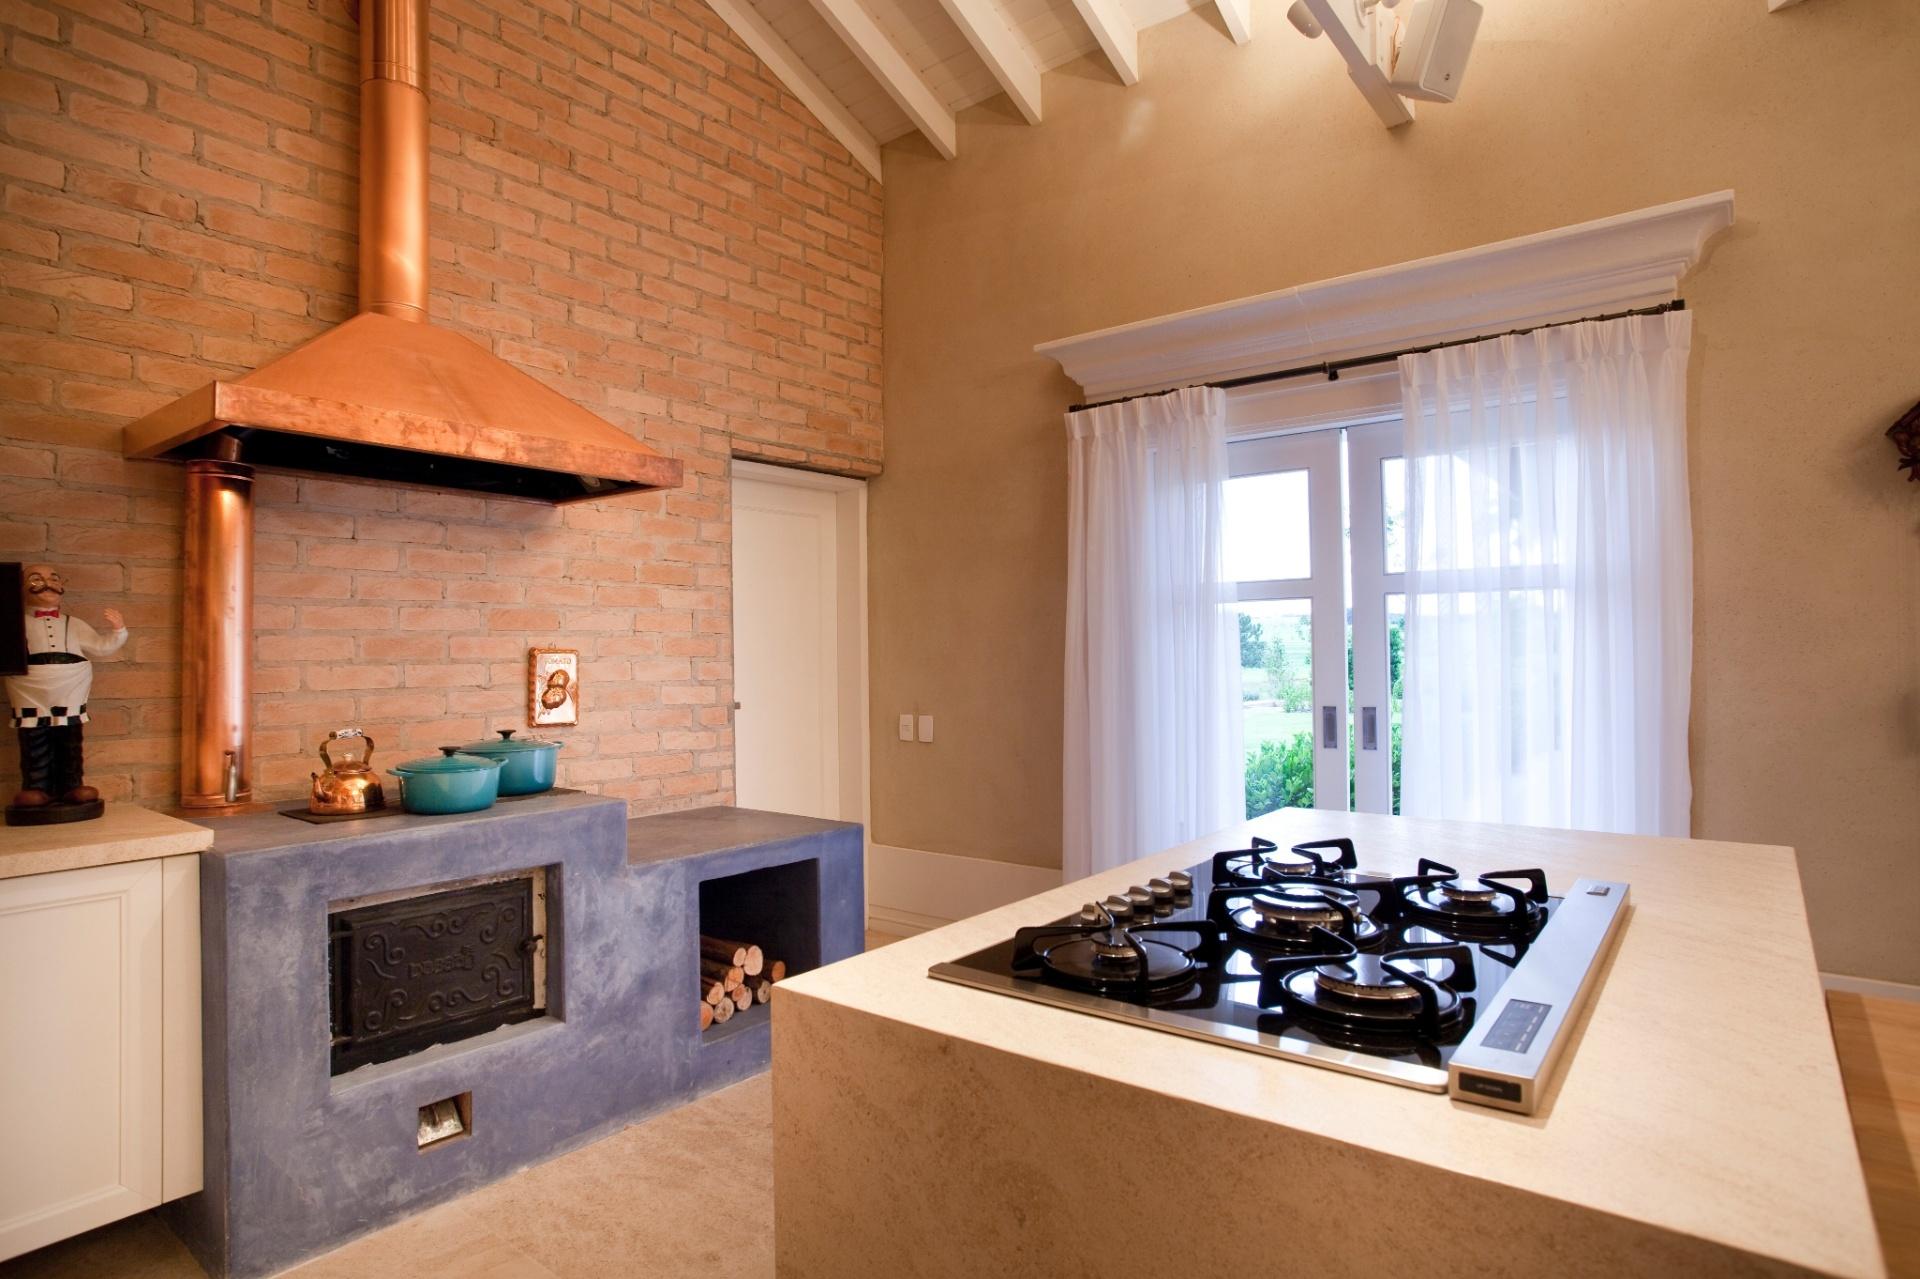 Junto à mesa Micasa, o volume de Limestone Mont Dorê (Pedras de Esquina Marmoraria) com cooktop. Ao fundo, o fogão à lenha da cozinha gourmet também serve, no inverno, para aquecer os ambientes sociais. O projeto no interior de SP é de Maurício Karam